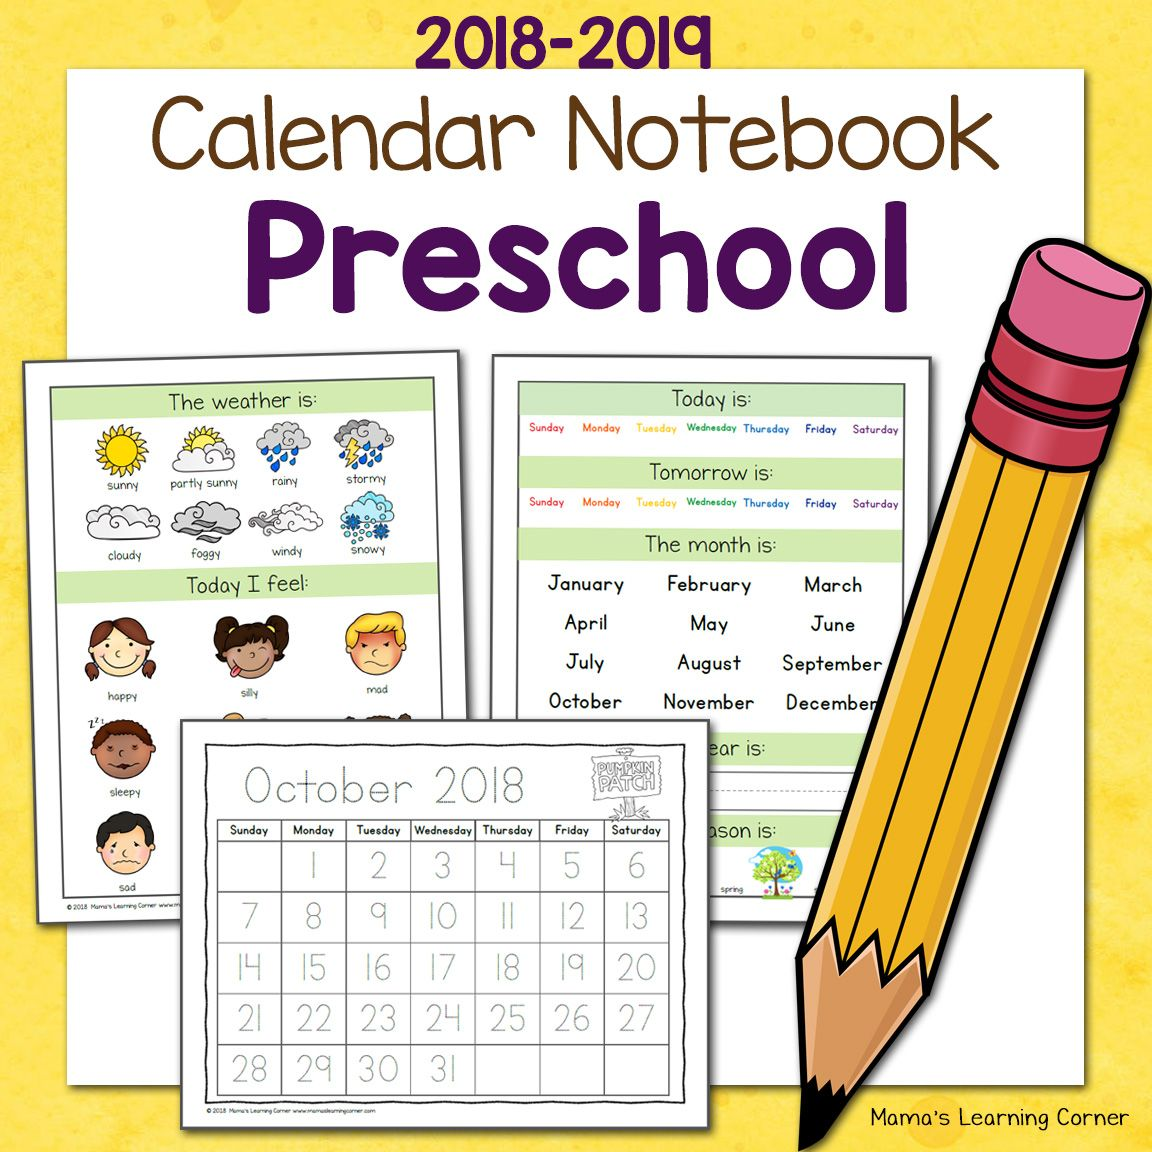 Preschool Calendar Notebook